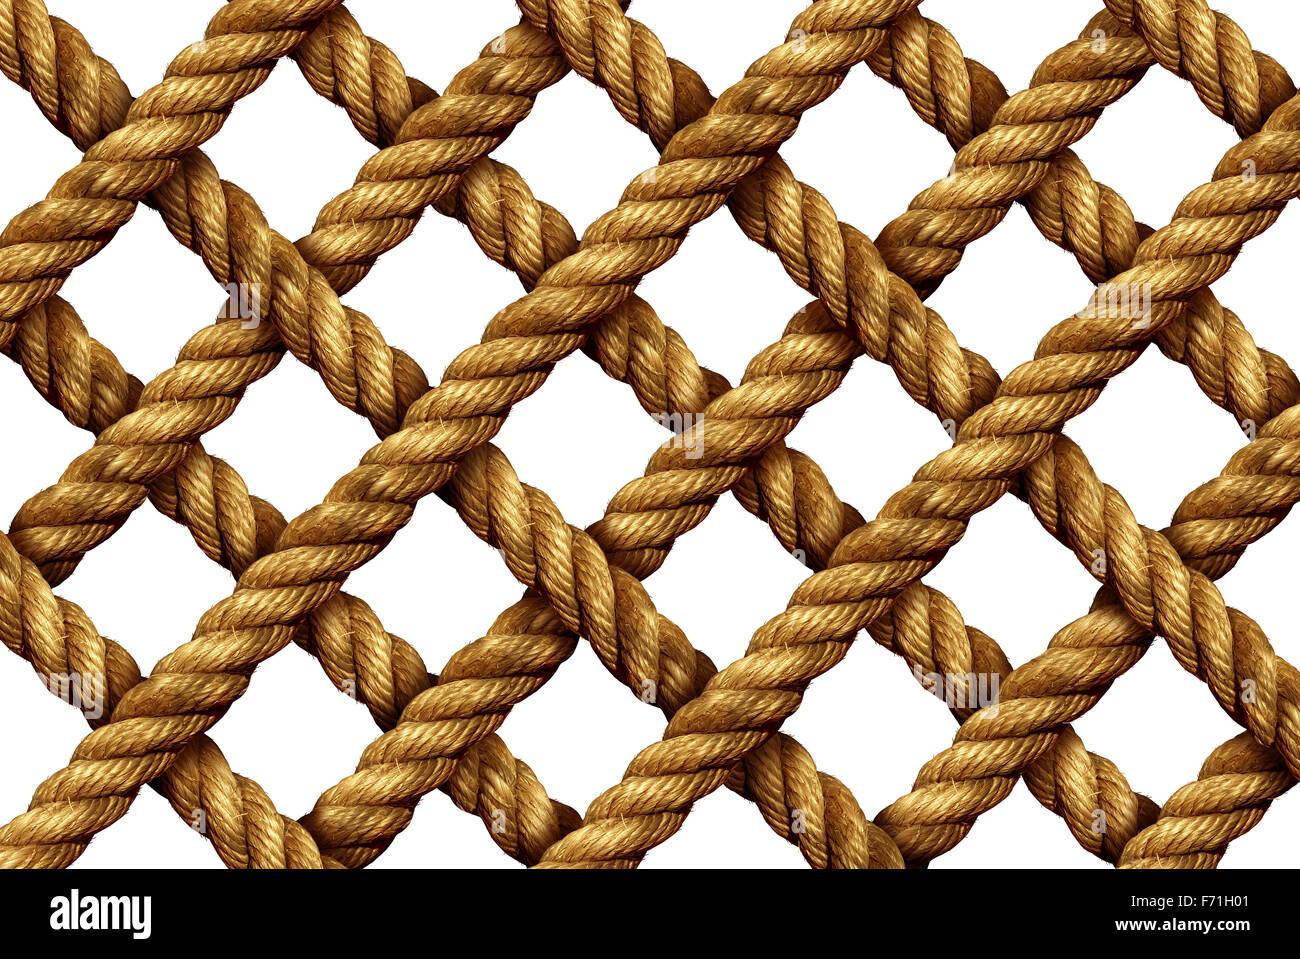 Grille de la corde comme un groupe de forte épaisseur cordons nautiques connecté dans une forme géométrique Photo Stock